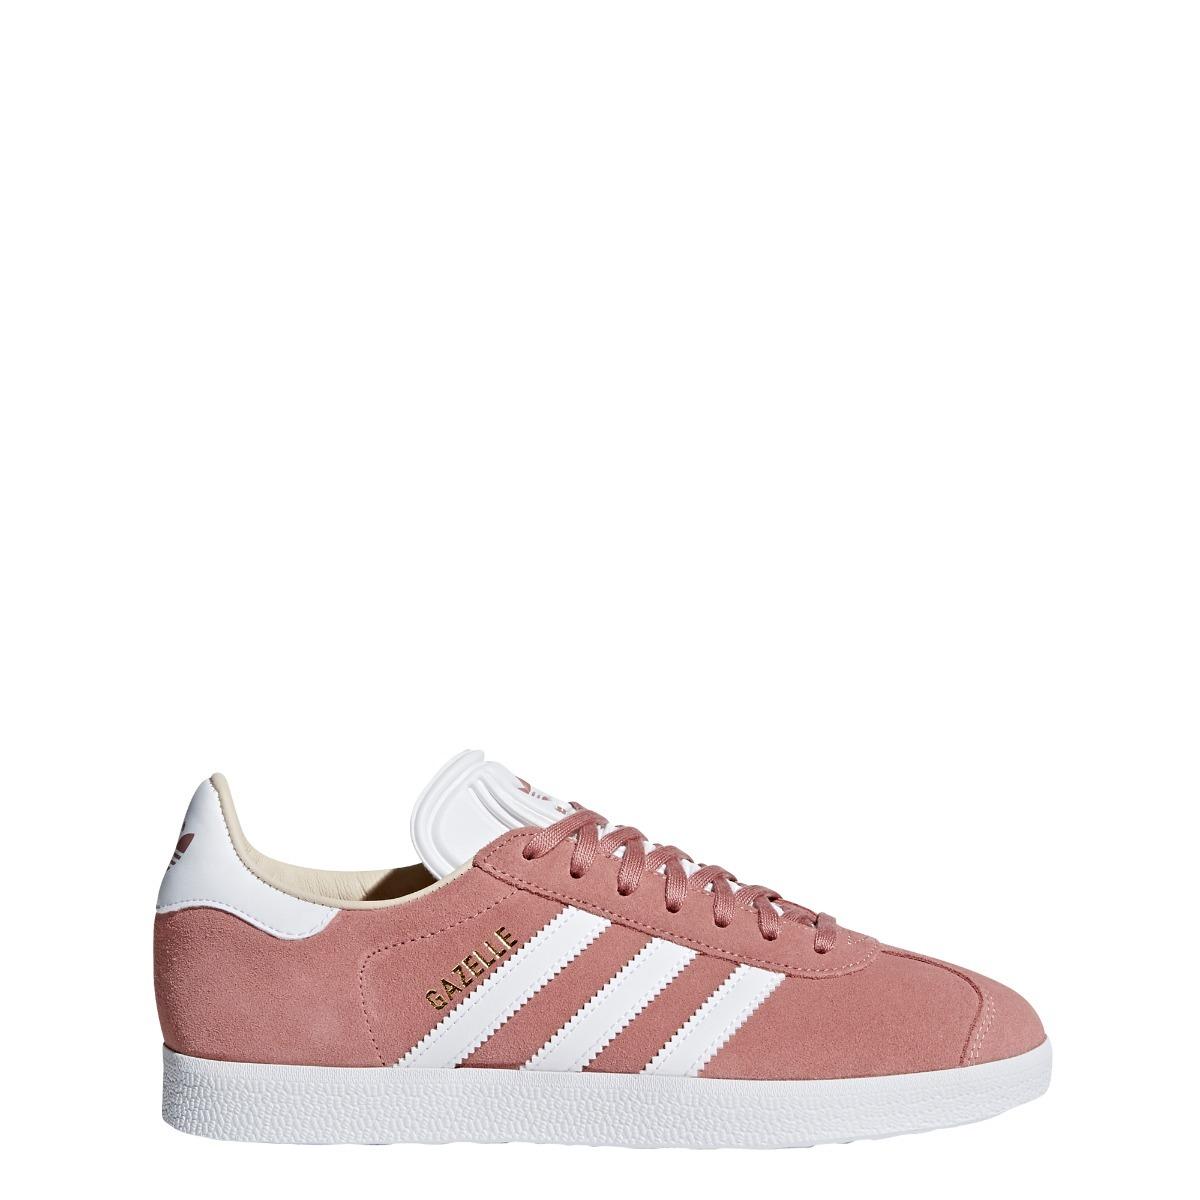 reputable site 8a126 7c685 zapatillas adidas gazelle mujer- originals. Cargando zoom.